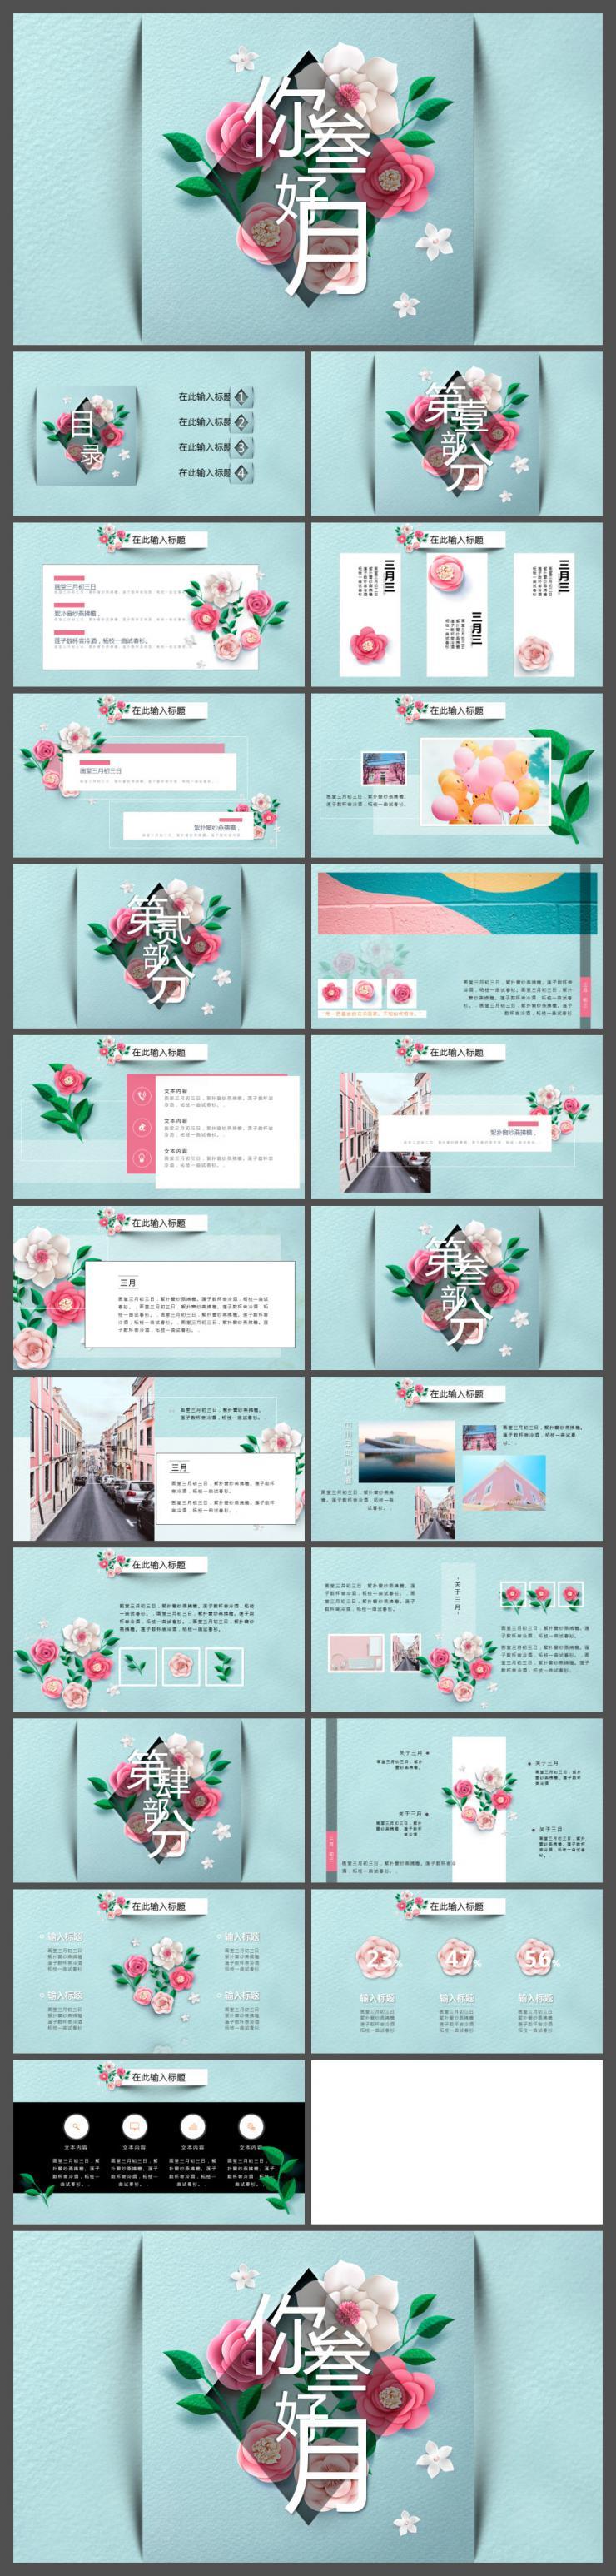 三月你好,唯美花卉文艺小清新插画画册春天PPT模板